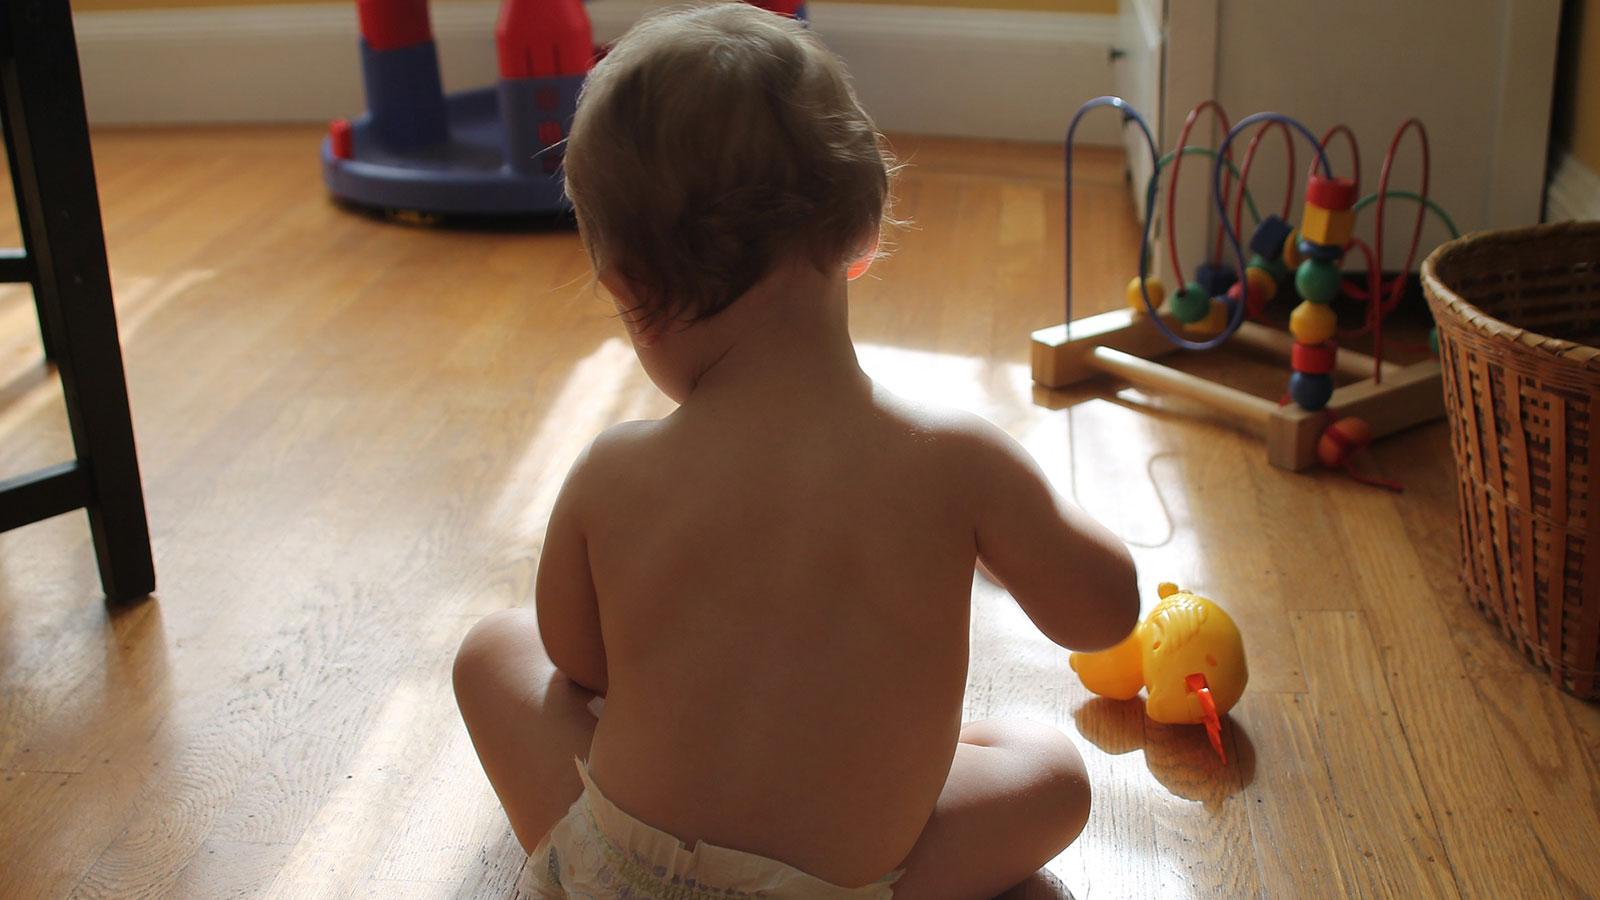 Prepara un hogar más limpio para tu bebé